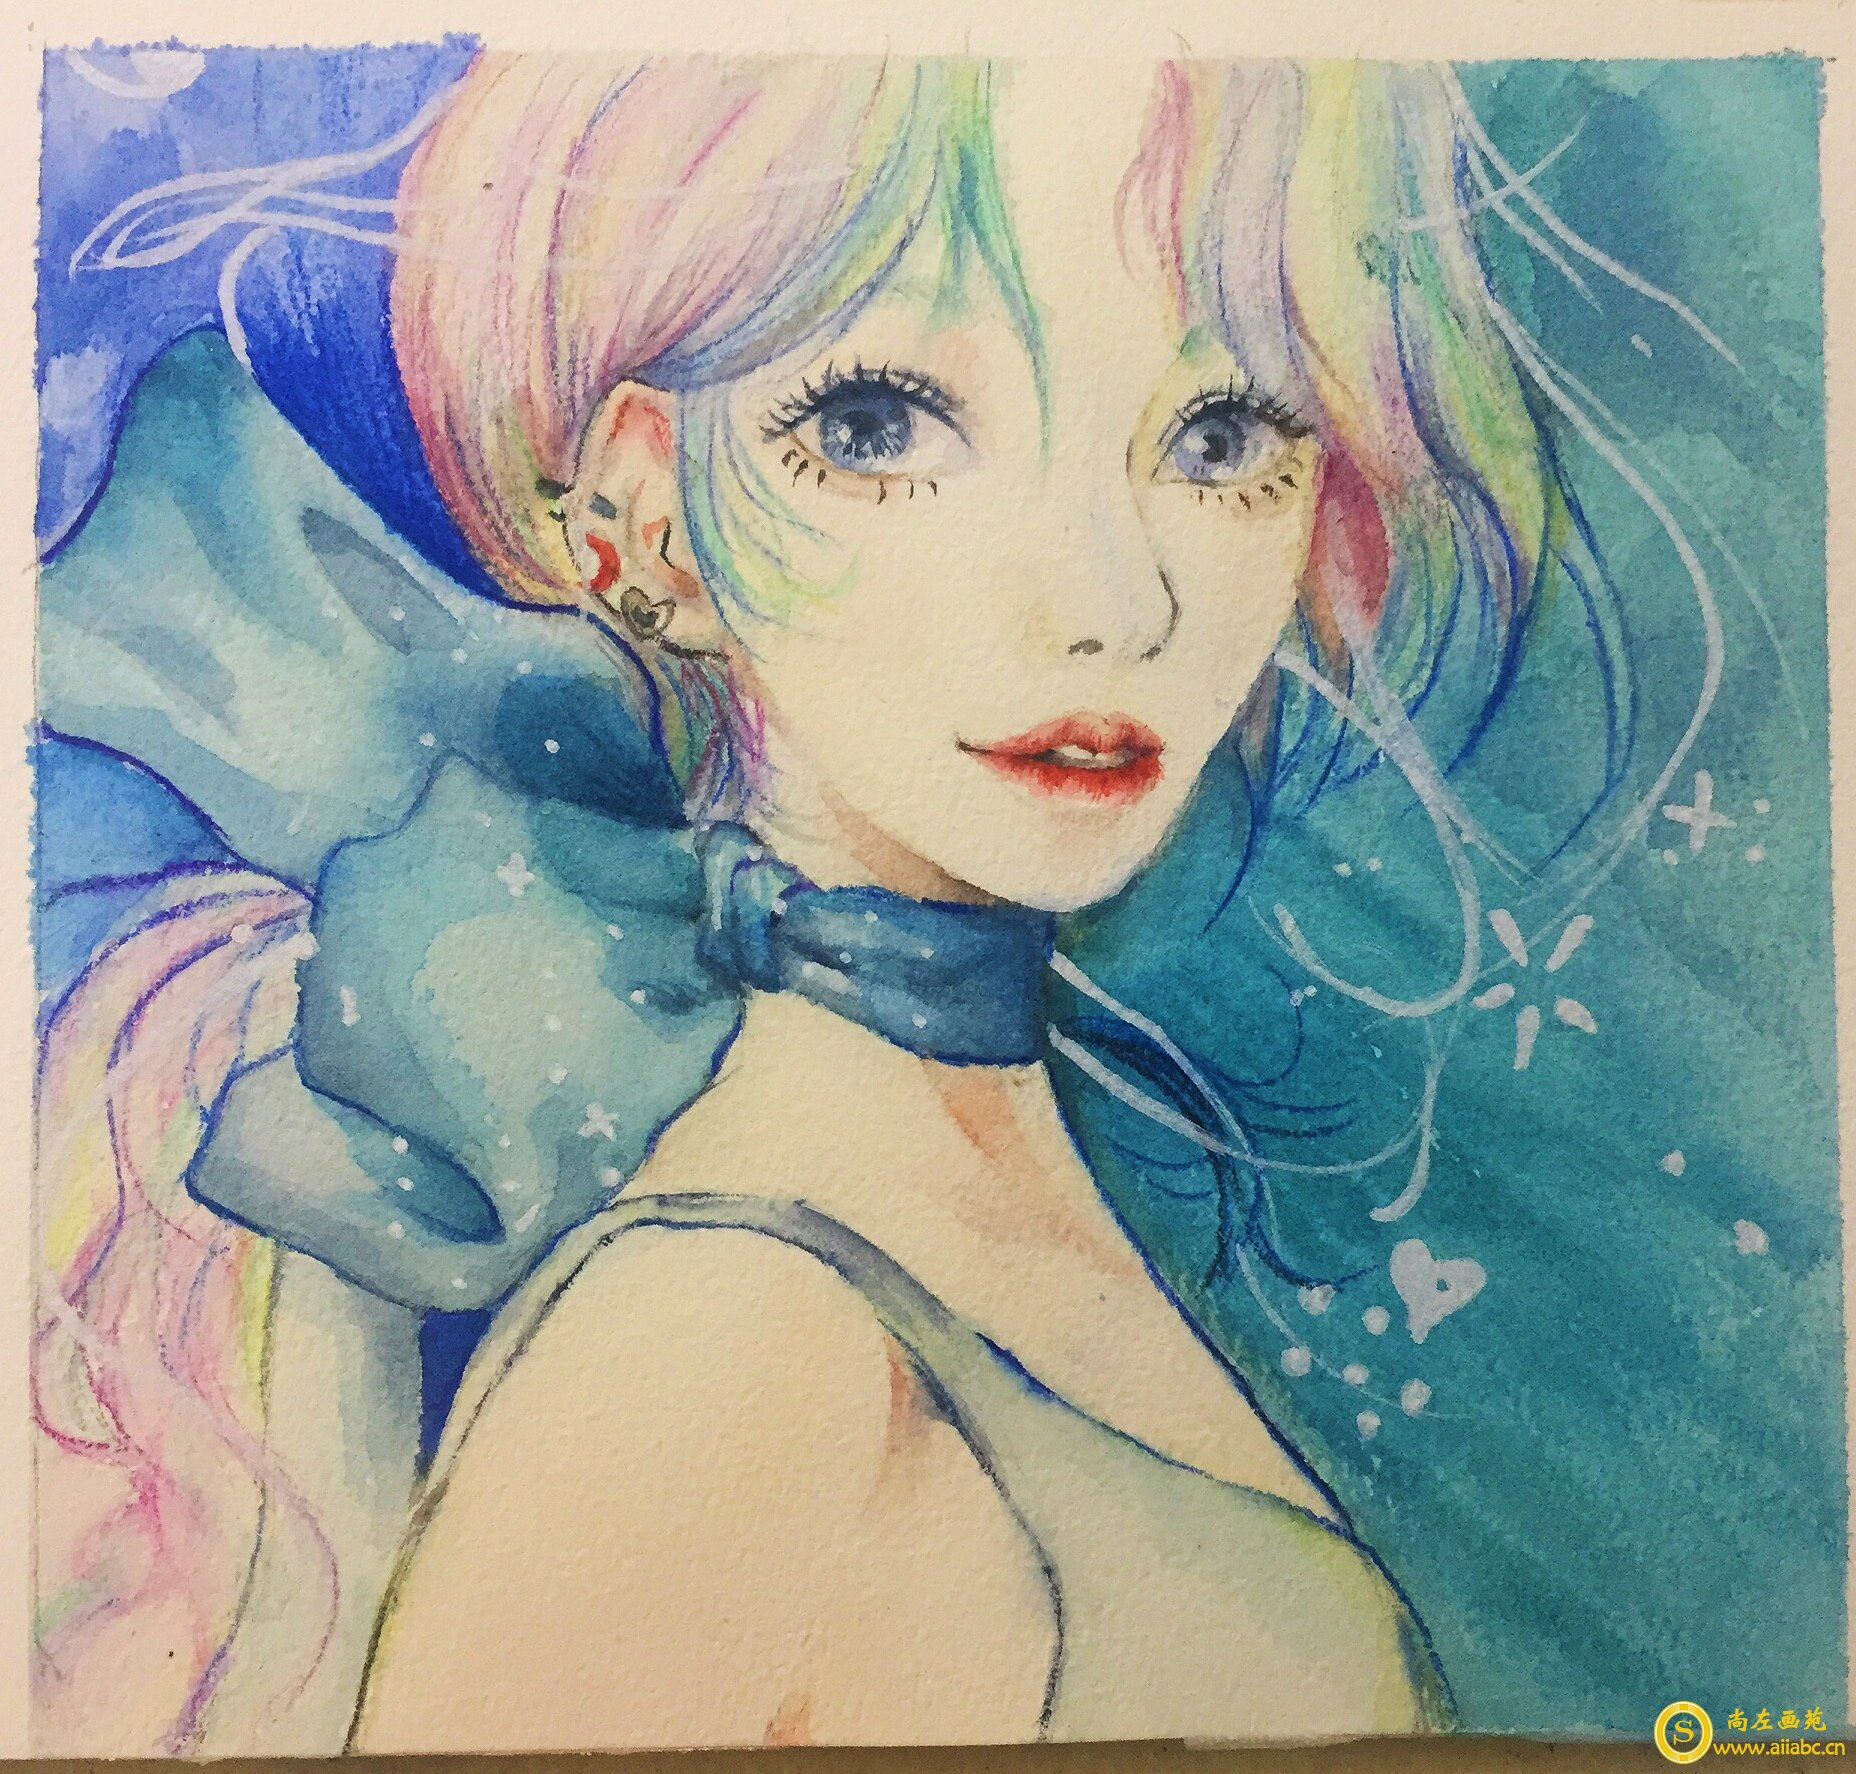 零基础入门水彩手绘活力少女